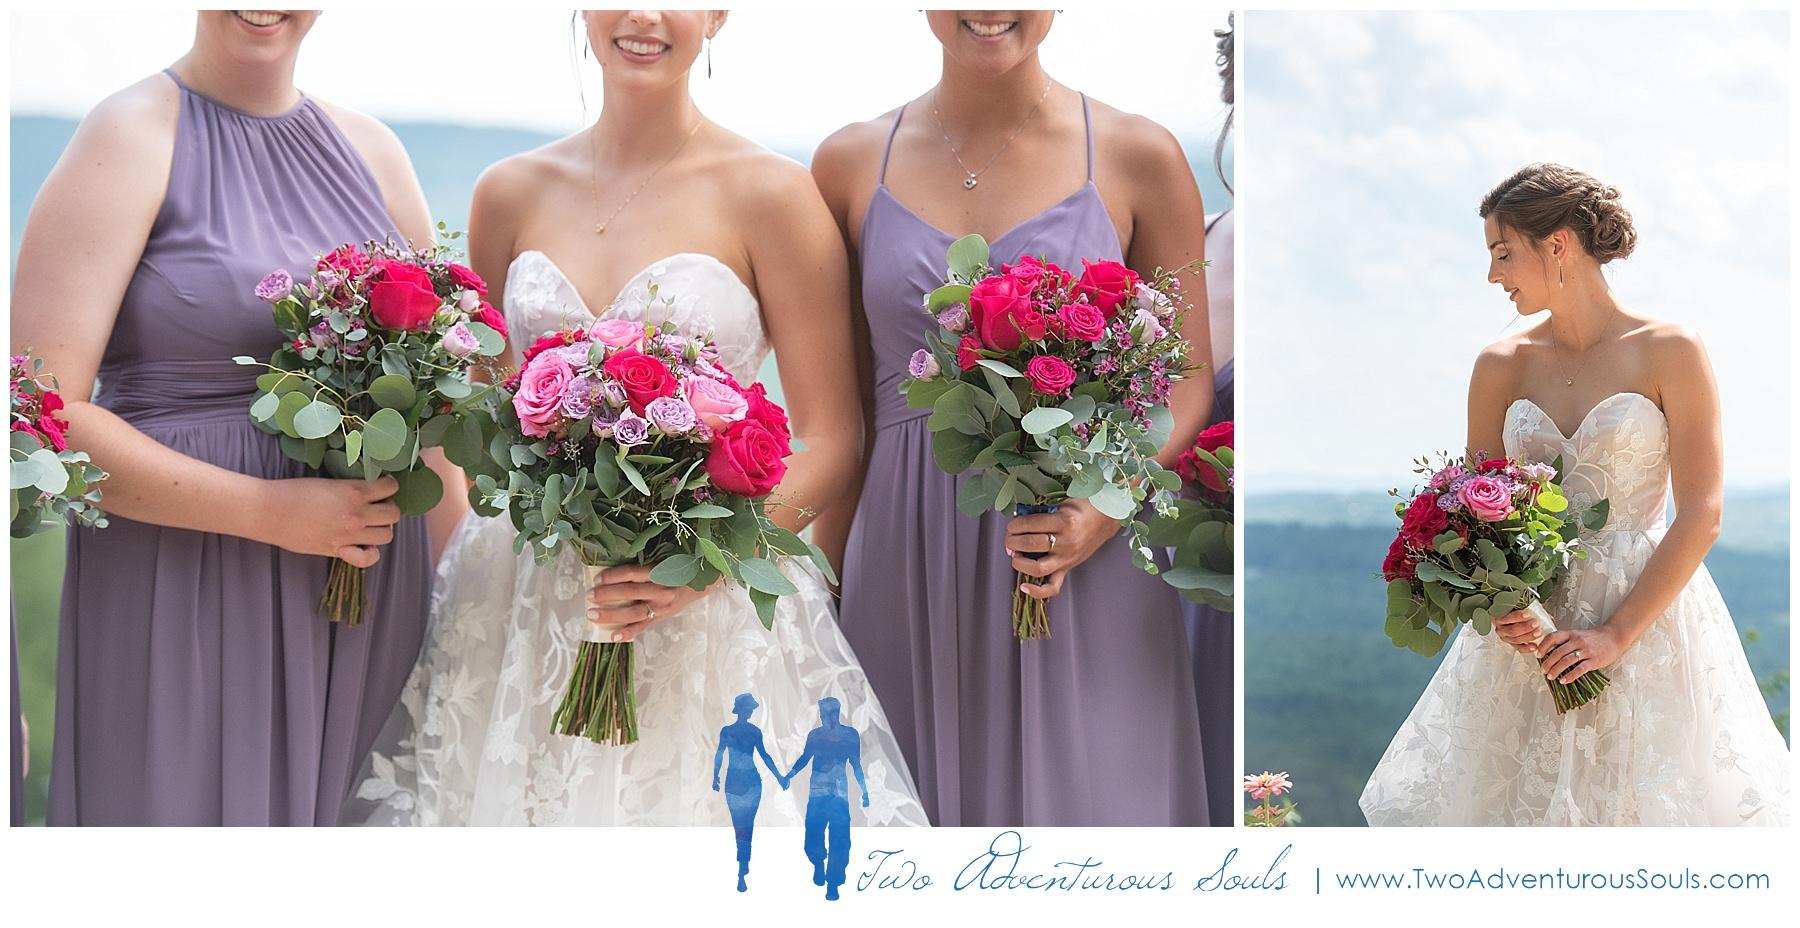 Maine Wedding Photographers, Granite Ridge Estate Wedding Photographers, Two Adventurous Souls - 080319_0019.jpg